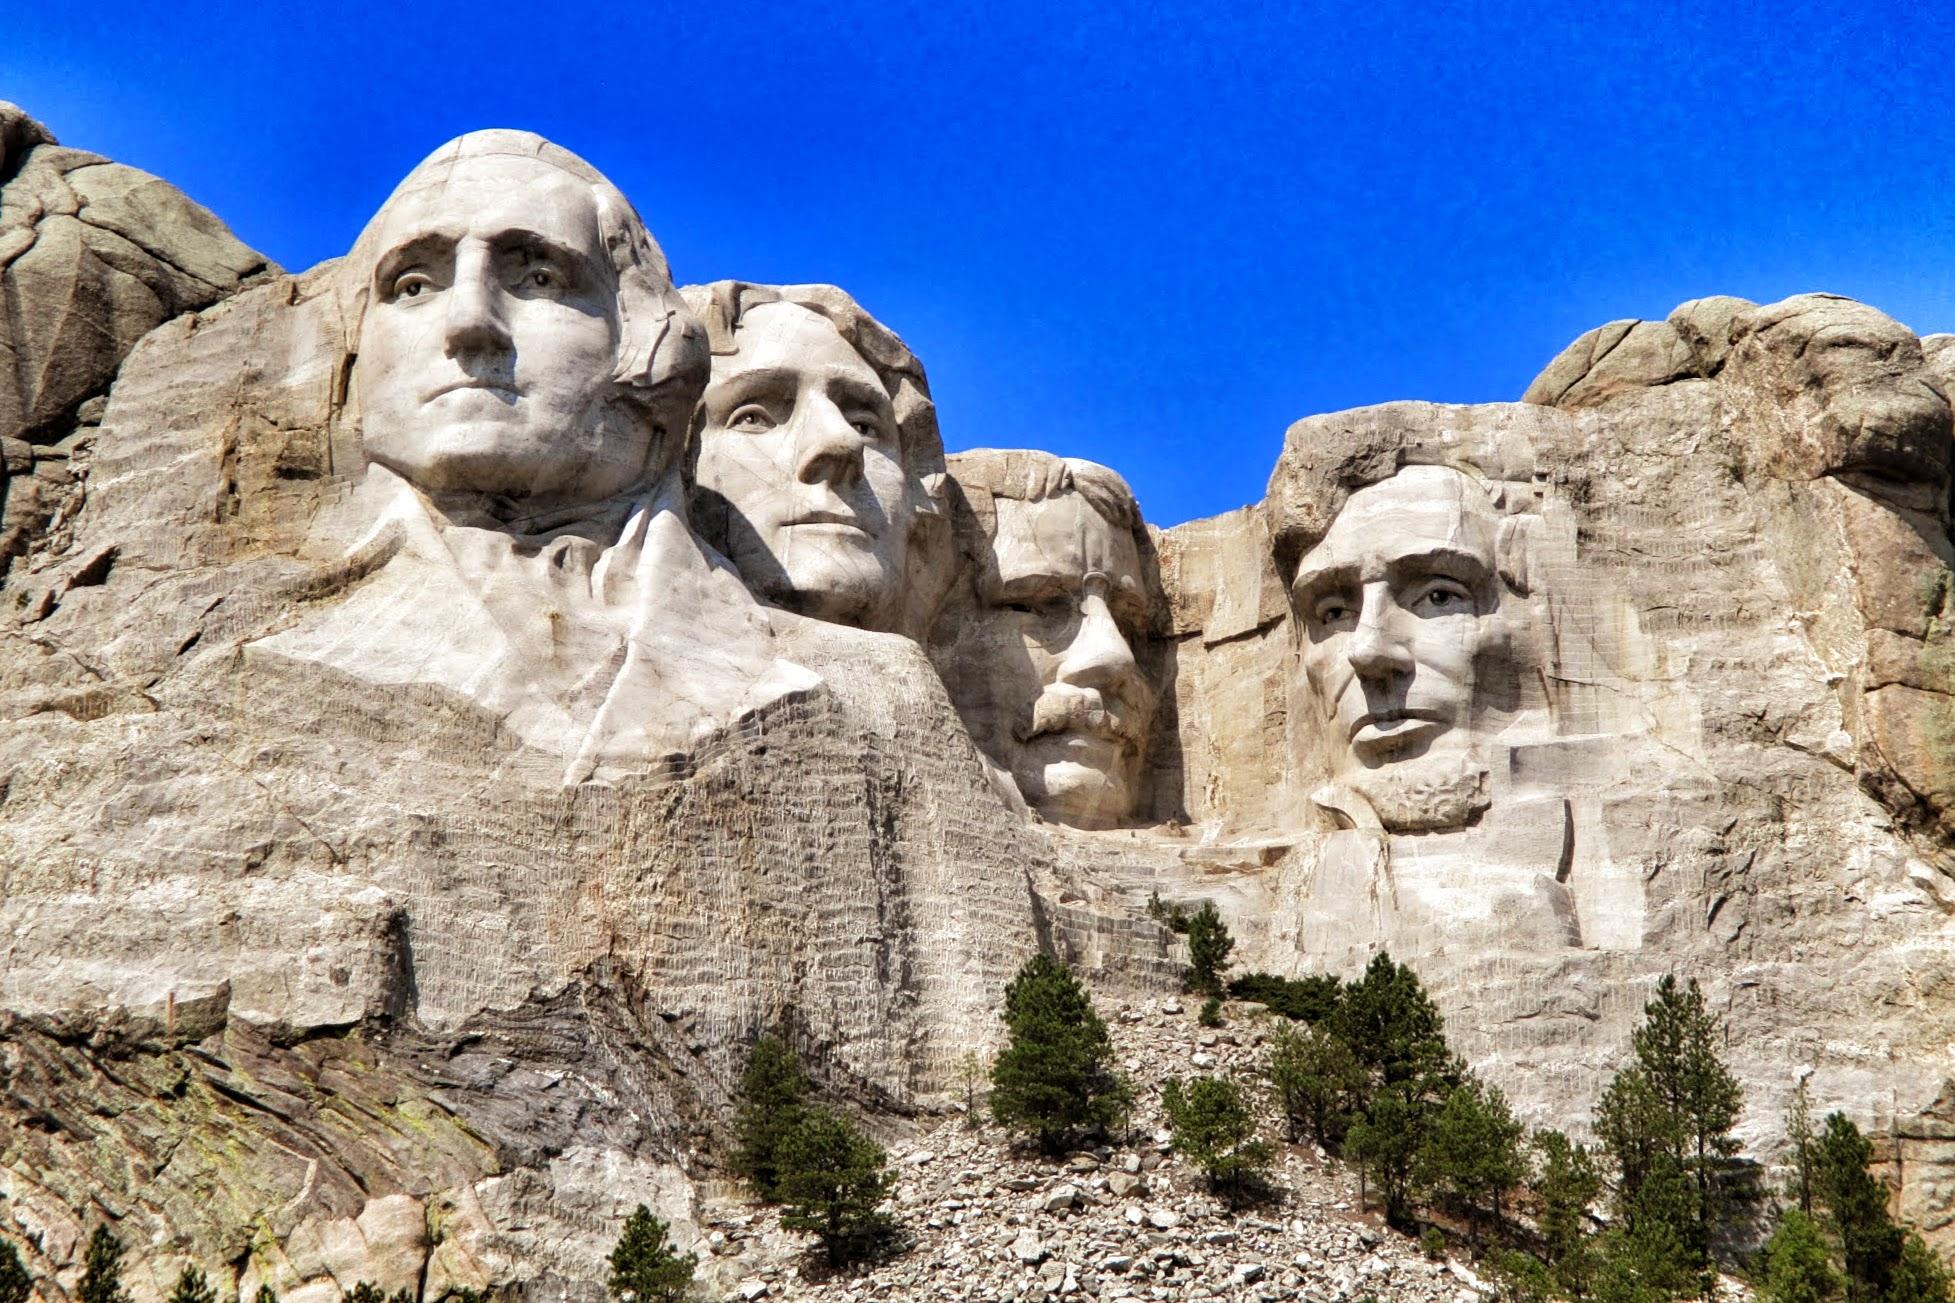 Description Of Mount Rushmore